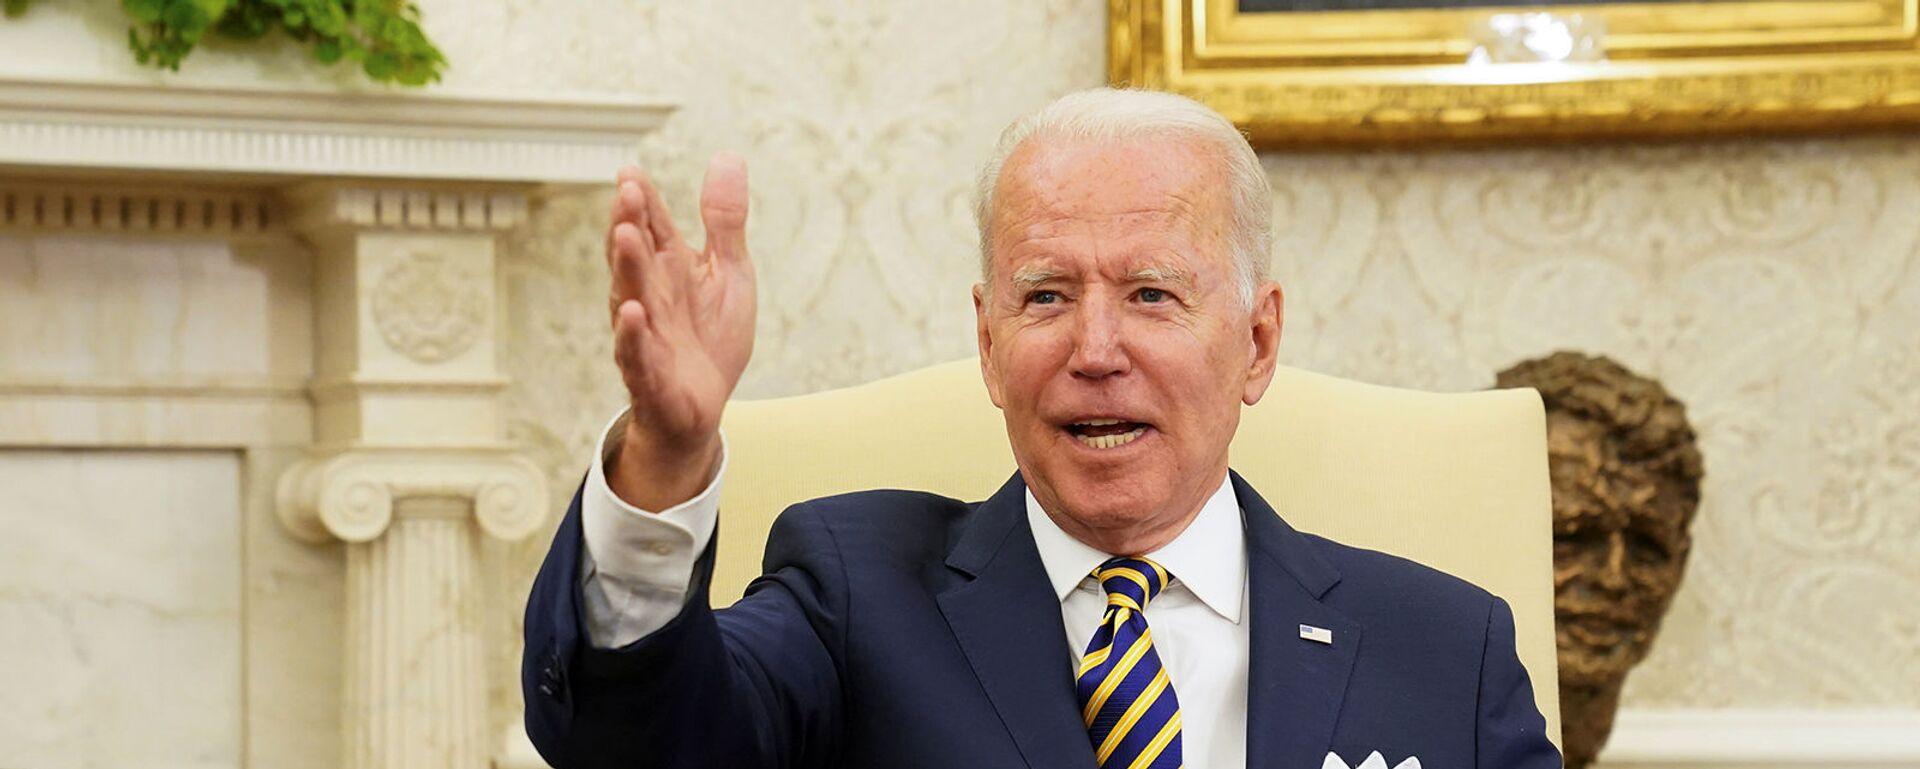 Президент США Джо Байден на встрече с президентом Израиля Реувеном Ривлином в Белом доме (28 июня 2021). Вашингтон - Sputnik Արմենիա, 1920, 18.09.2021